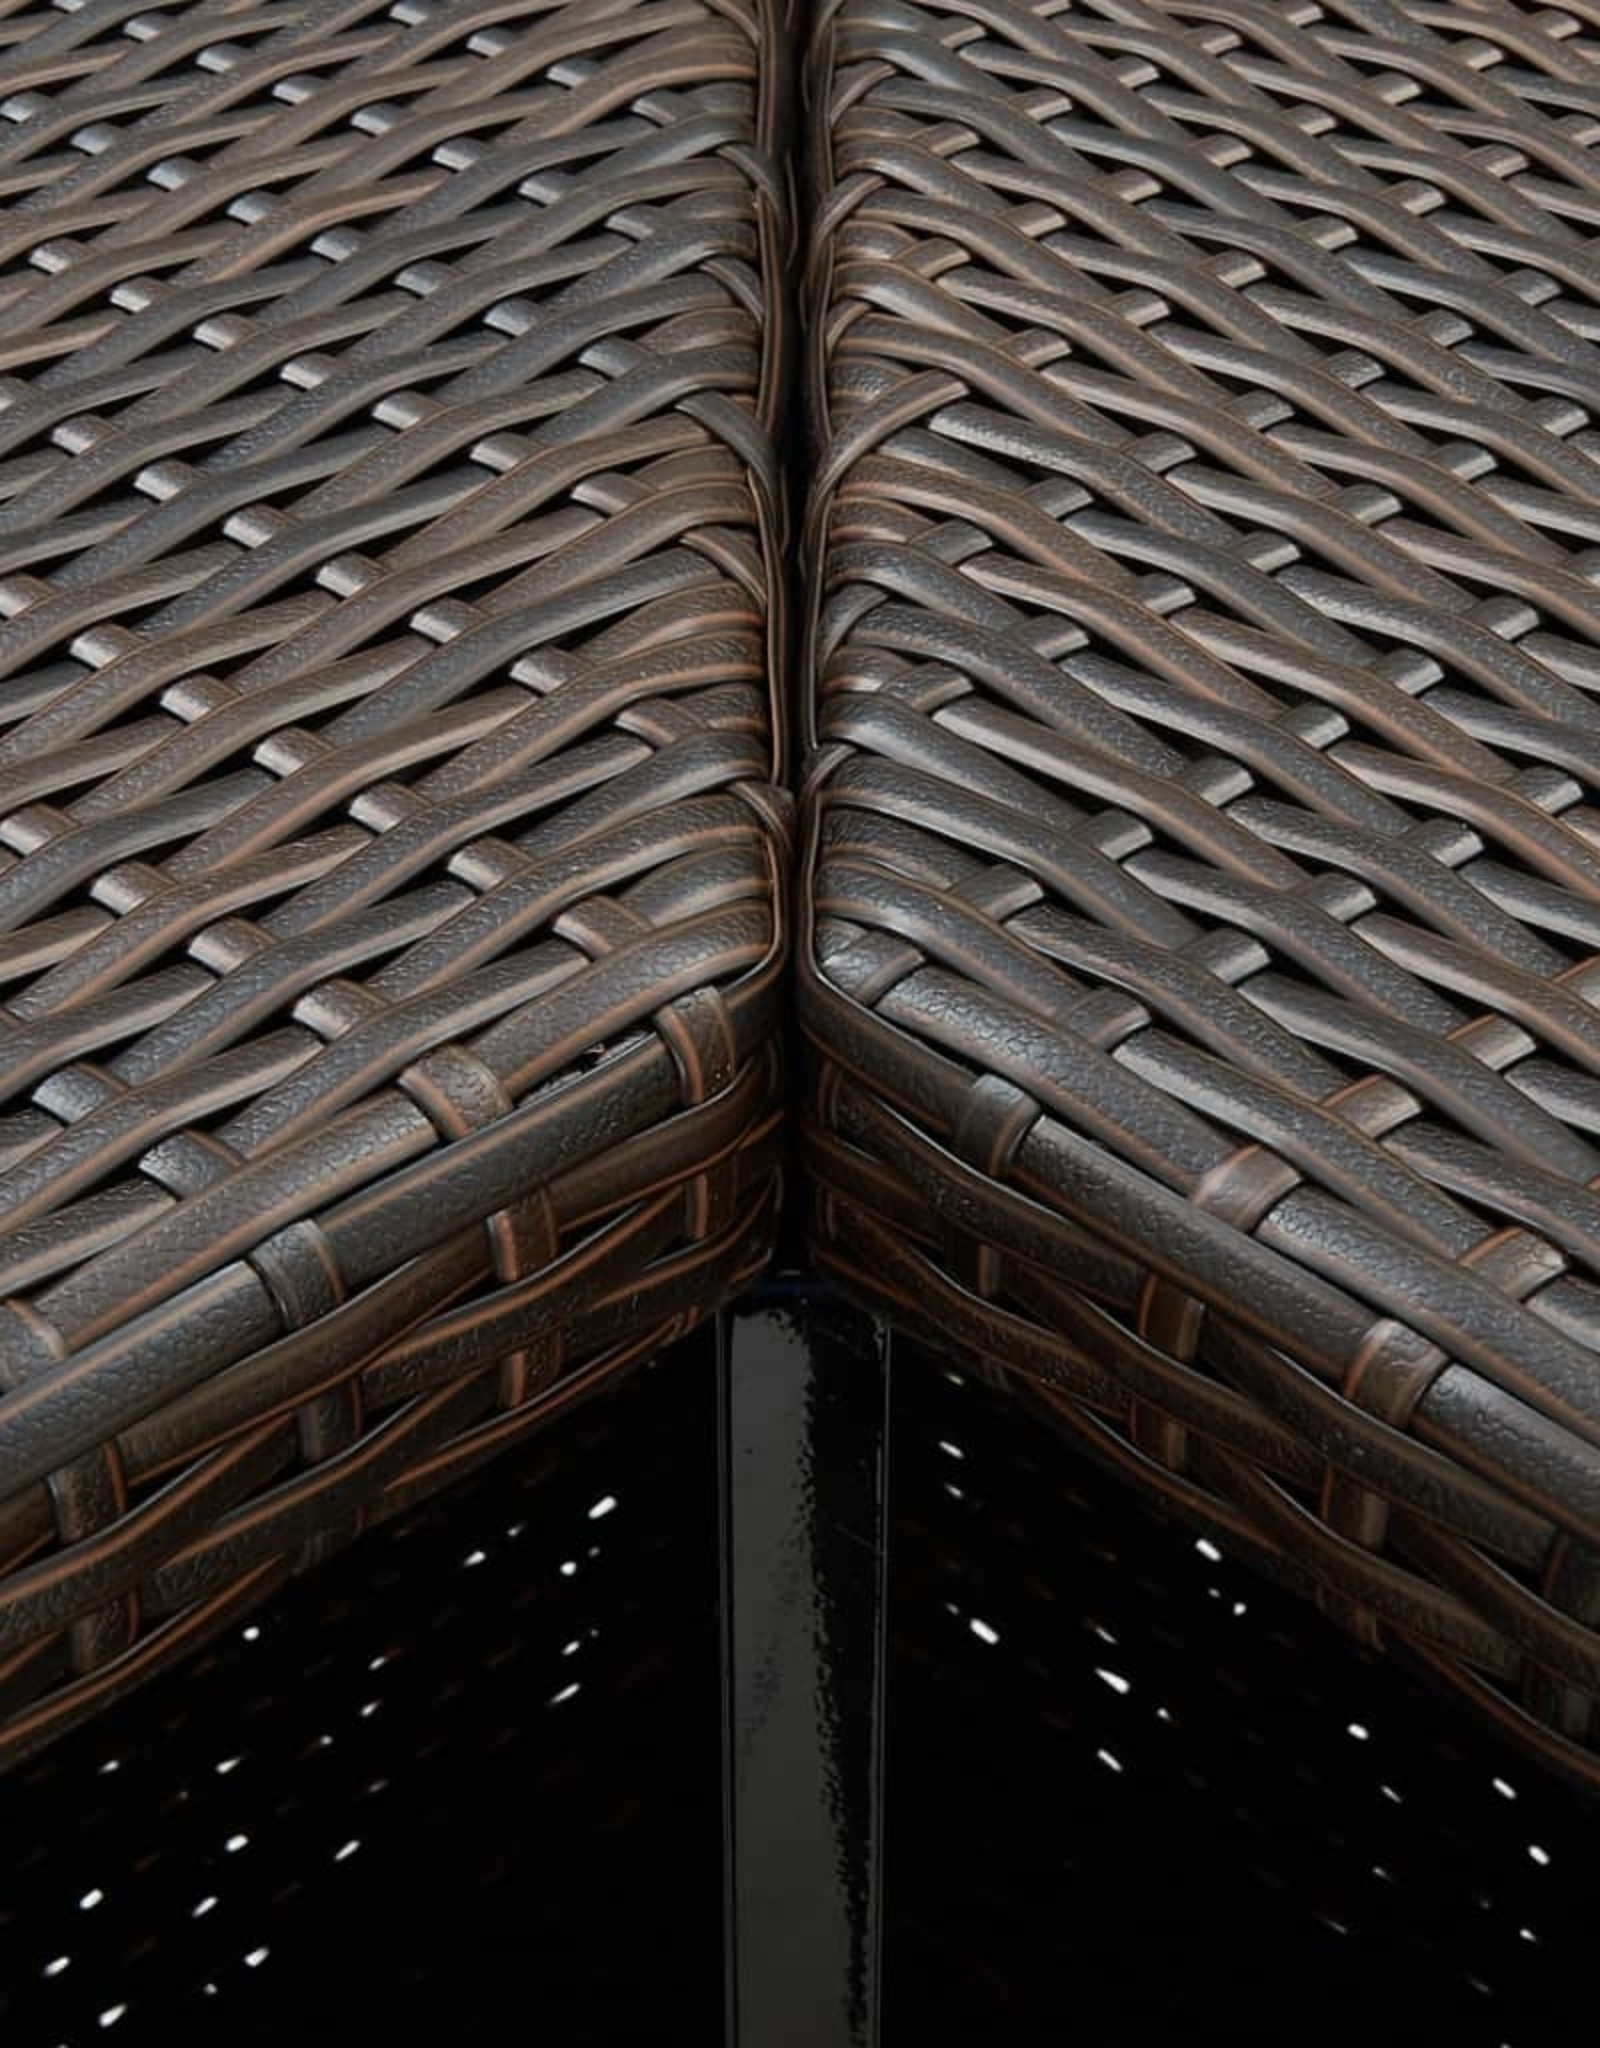 16-delige Tuinbarset met kussens poly rattan bruin